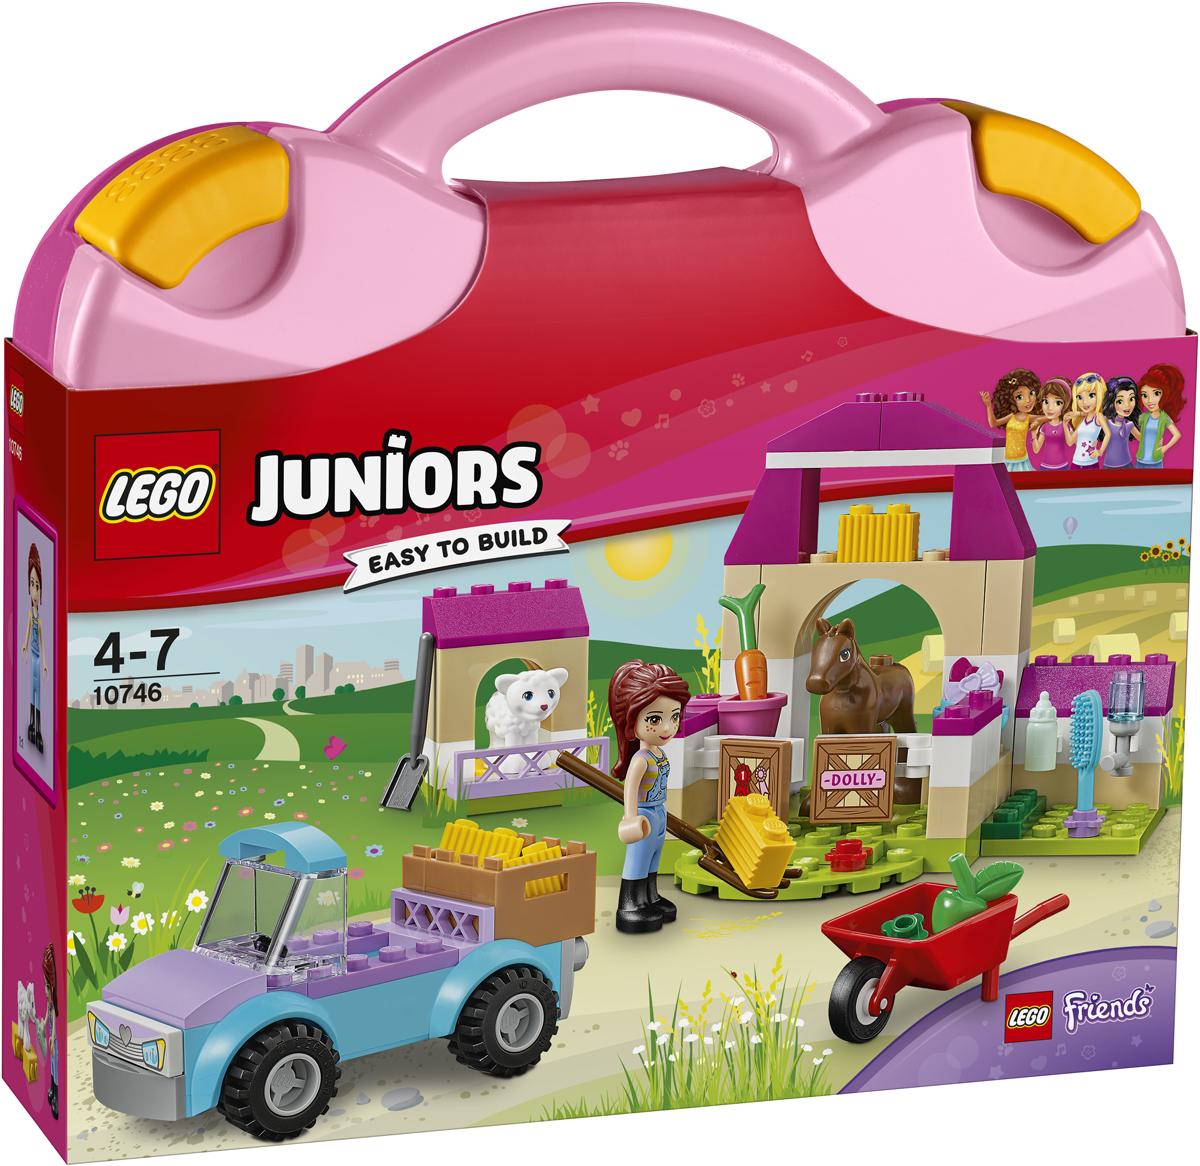 LEGO Juniors Конструктор Чемоданчик Ферма Мии 1074610746Погрузи урожай в кузов пикапа и отвези Мию на ферму. С помощью тачки перевези тюки сена в конюшню, а потом накорми маленького ягненка из бутылочки в его загончике. На ферме LEGO Friends столько дел! Только не забудь позаниматься с жеребенком выездкой! Заботься о животных из весёлого чемоданчика LEGO Juniors, где бы ты ни оказалась.